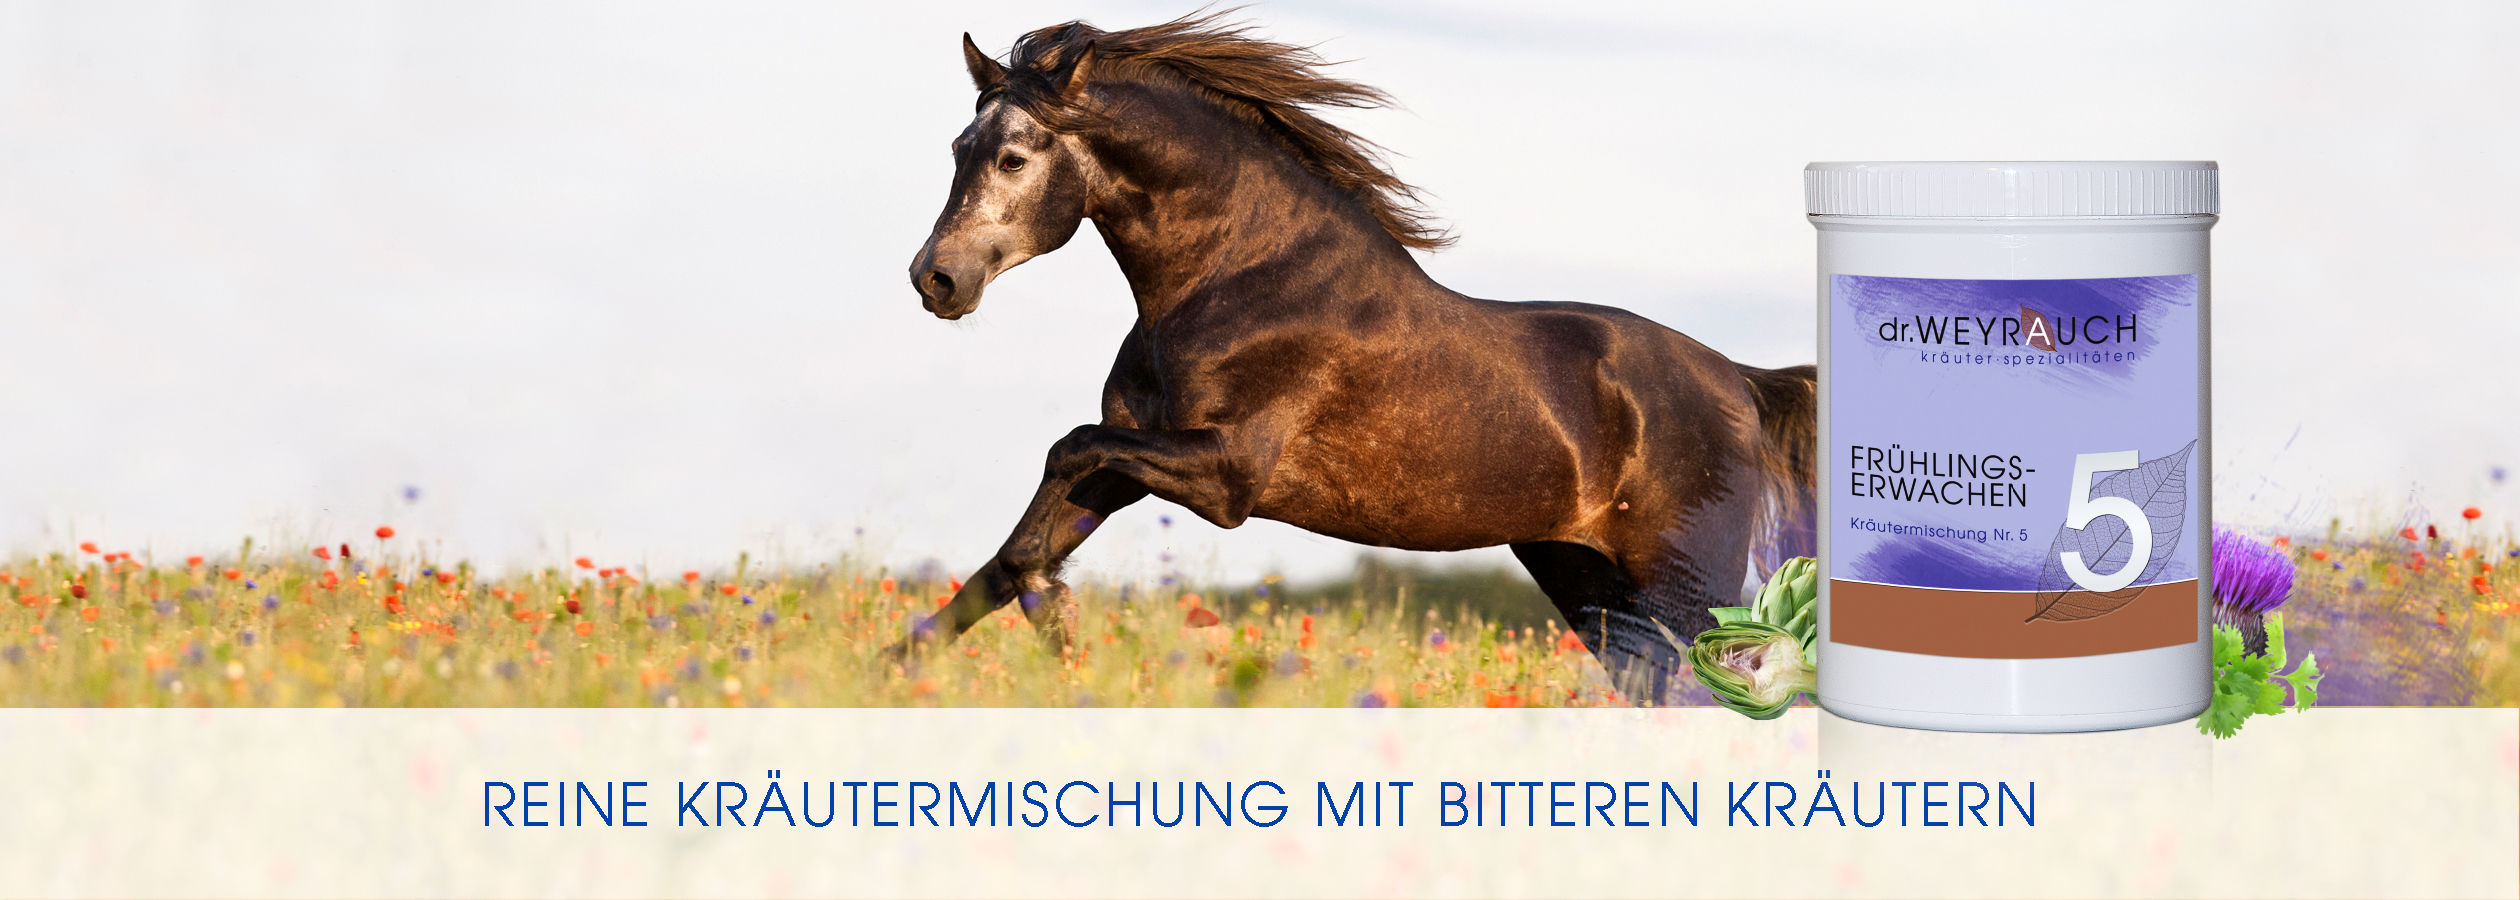 HEADER-2017-Fru-hlingserwachen-Pferd